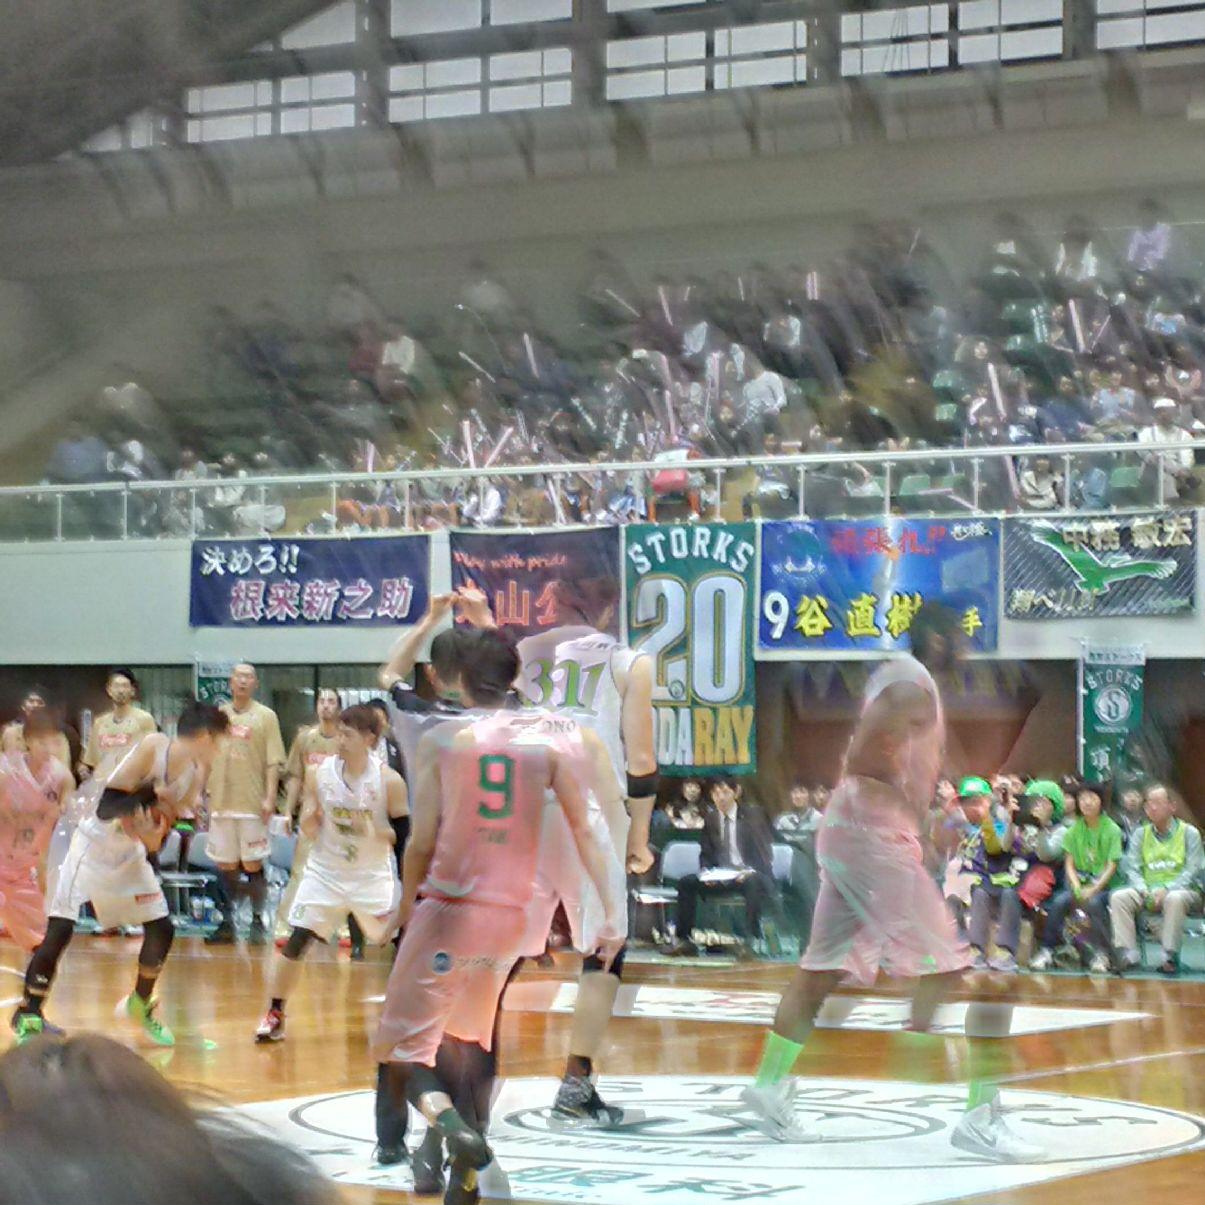 2438/バスケ)スポンサー様といっしょ